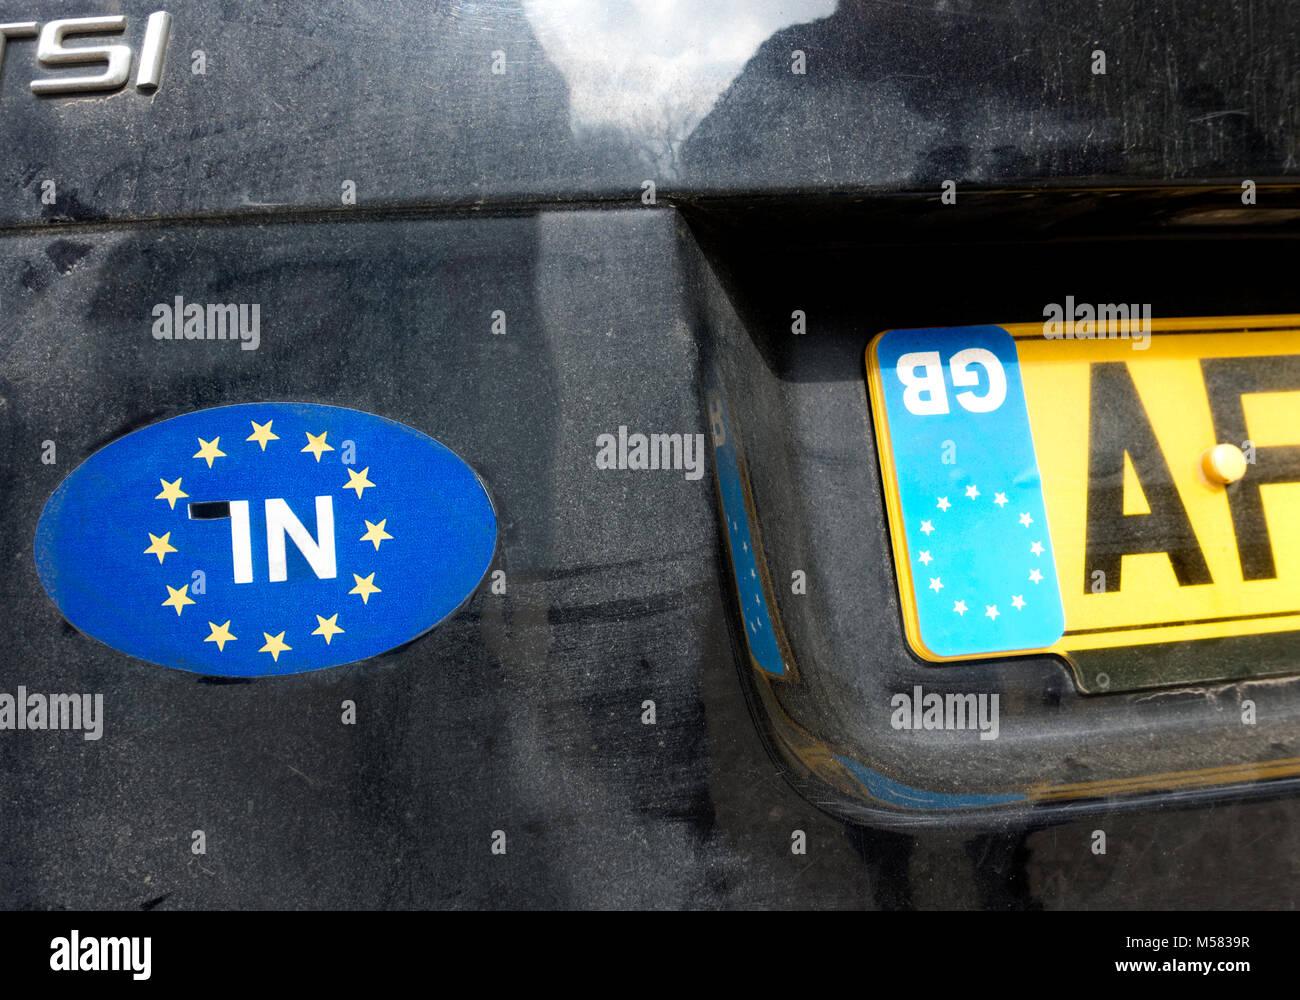 Anti Brexit Bremain protestare su una vettura del Regno Unito a Malaga Spagna. Immagini Stock